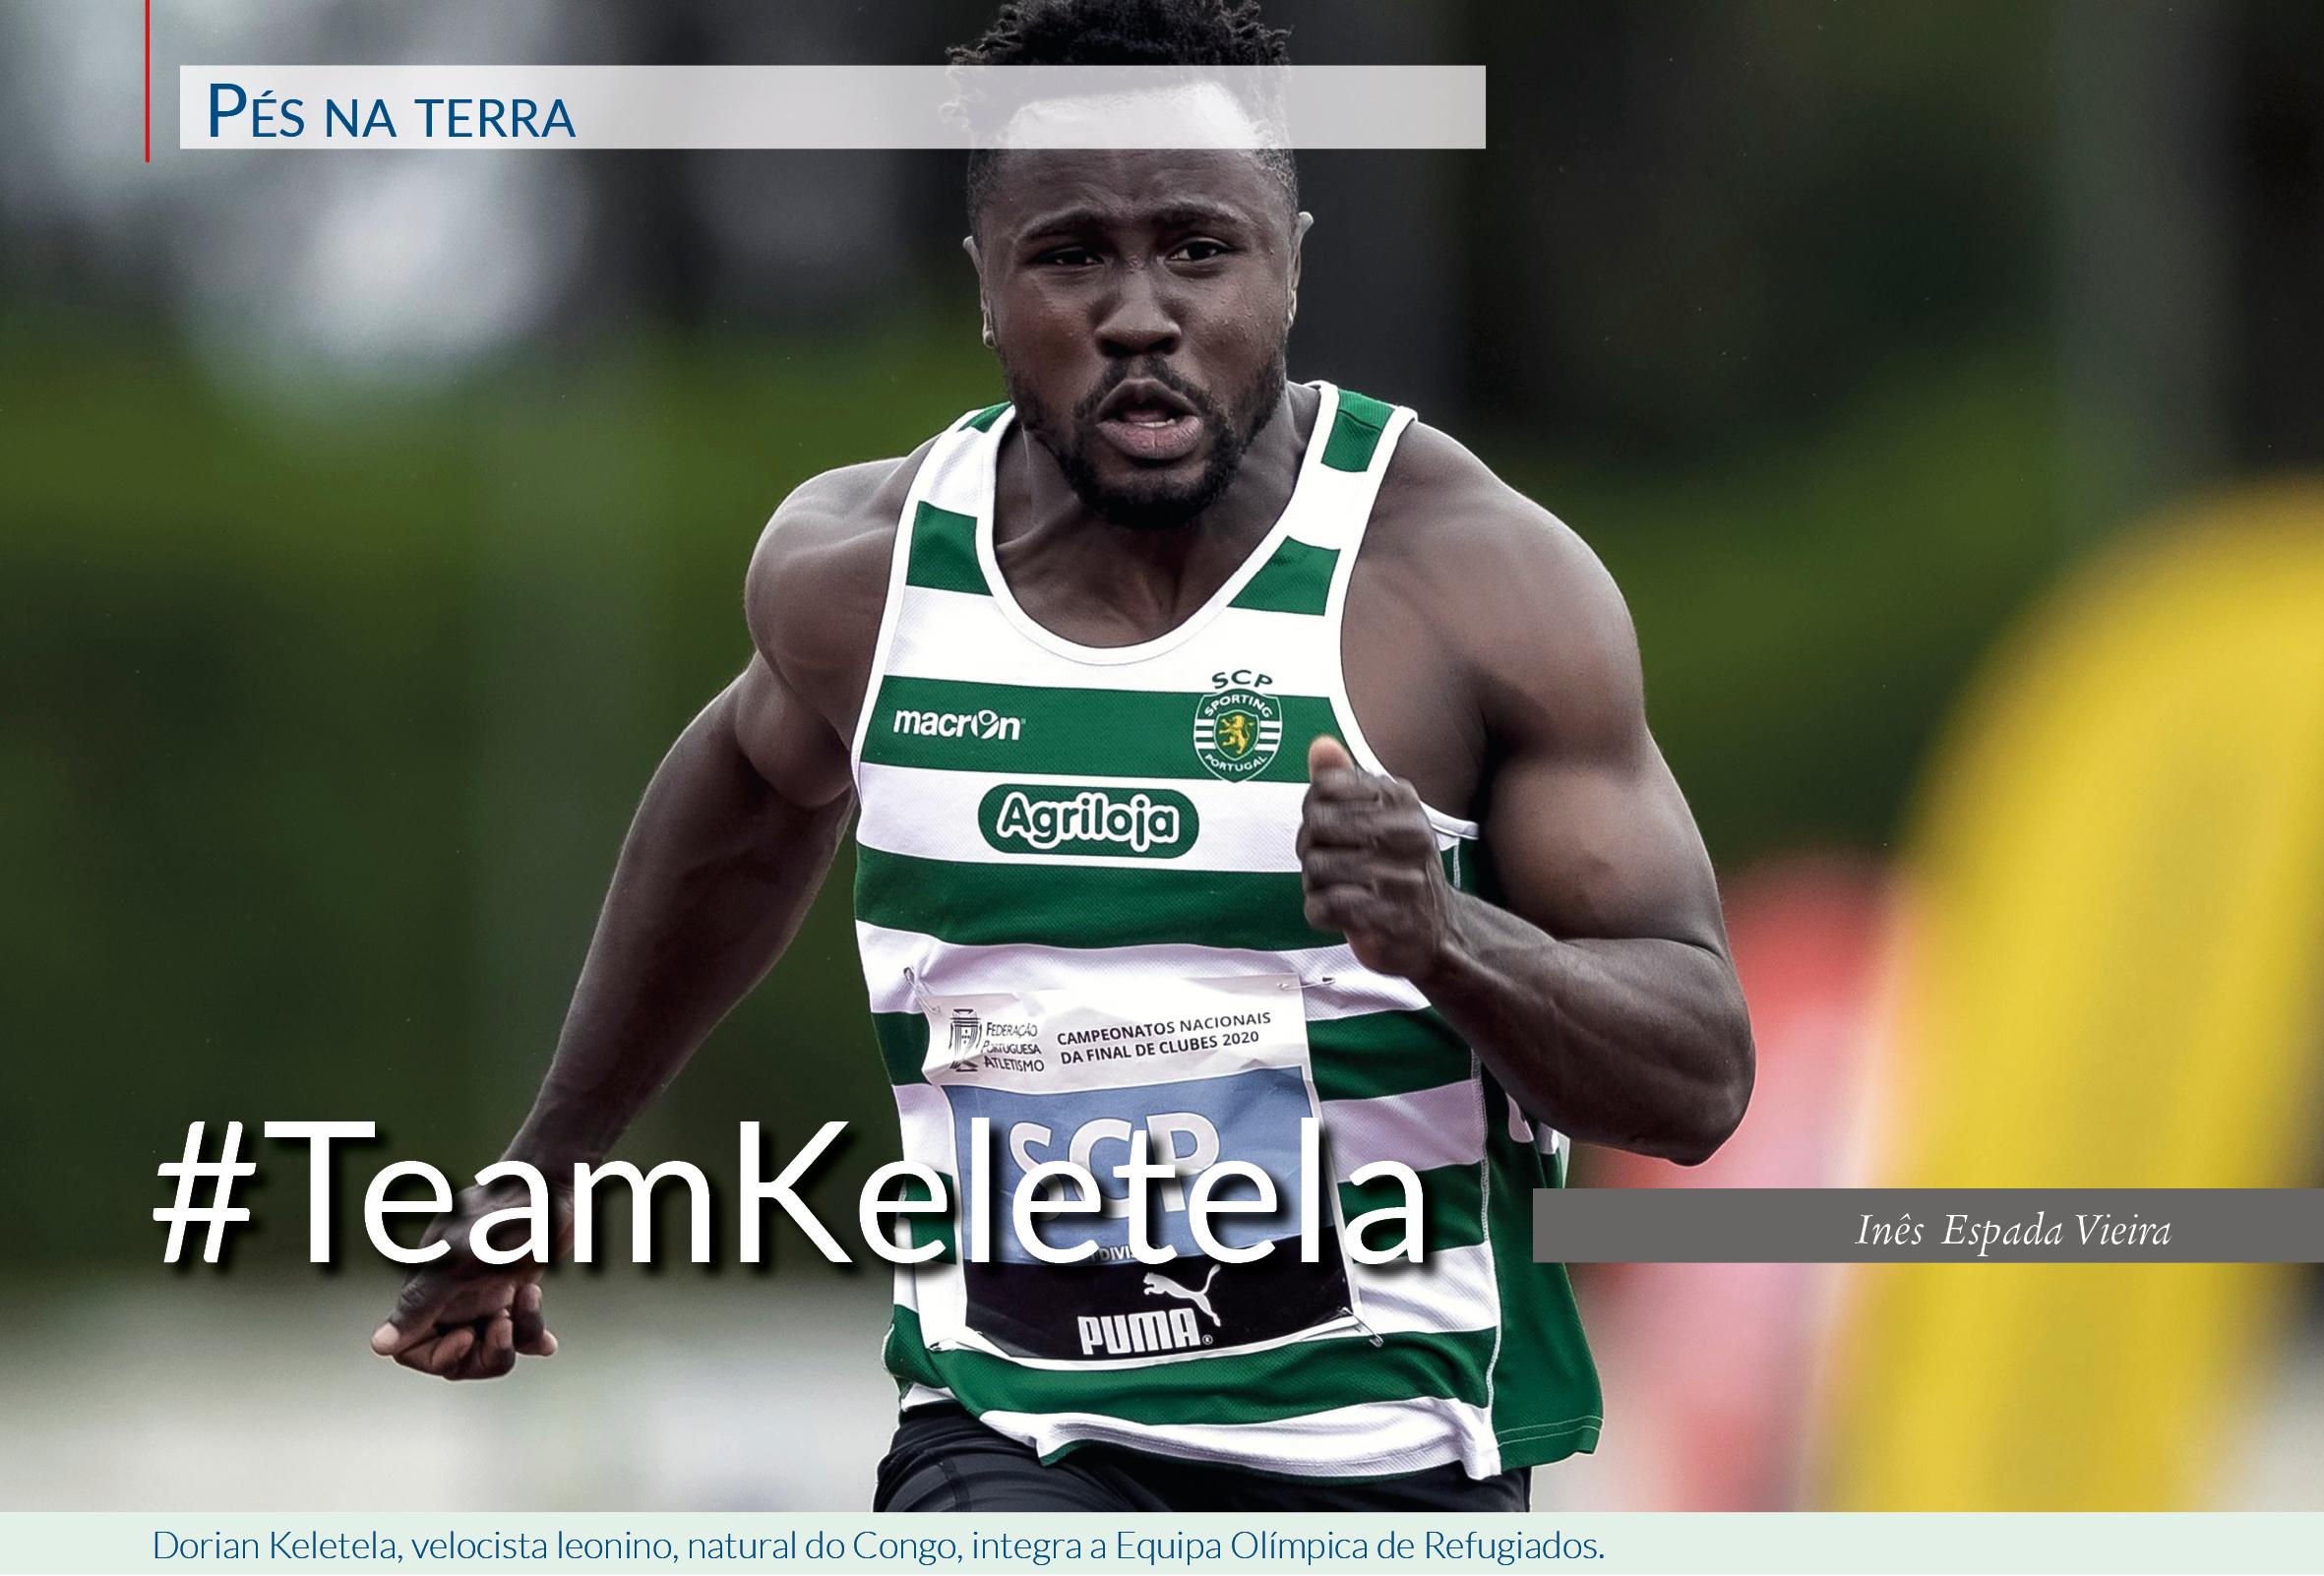 Dorian Keletela, velocista leonino, natural do Congo, integra a Equipa Olímpica de Refugiados.